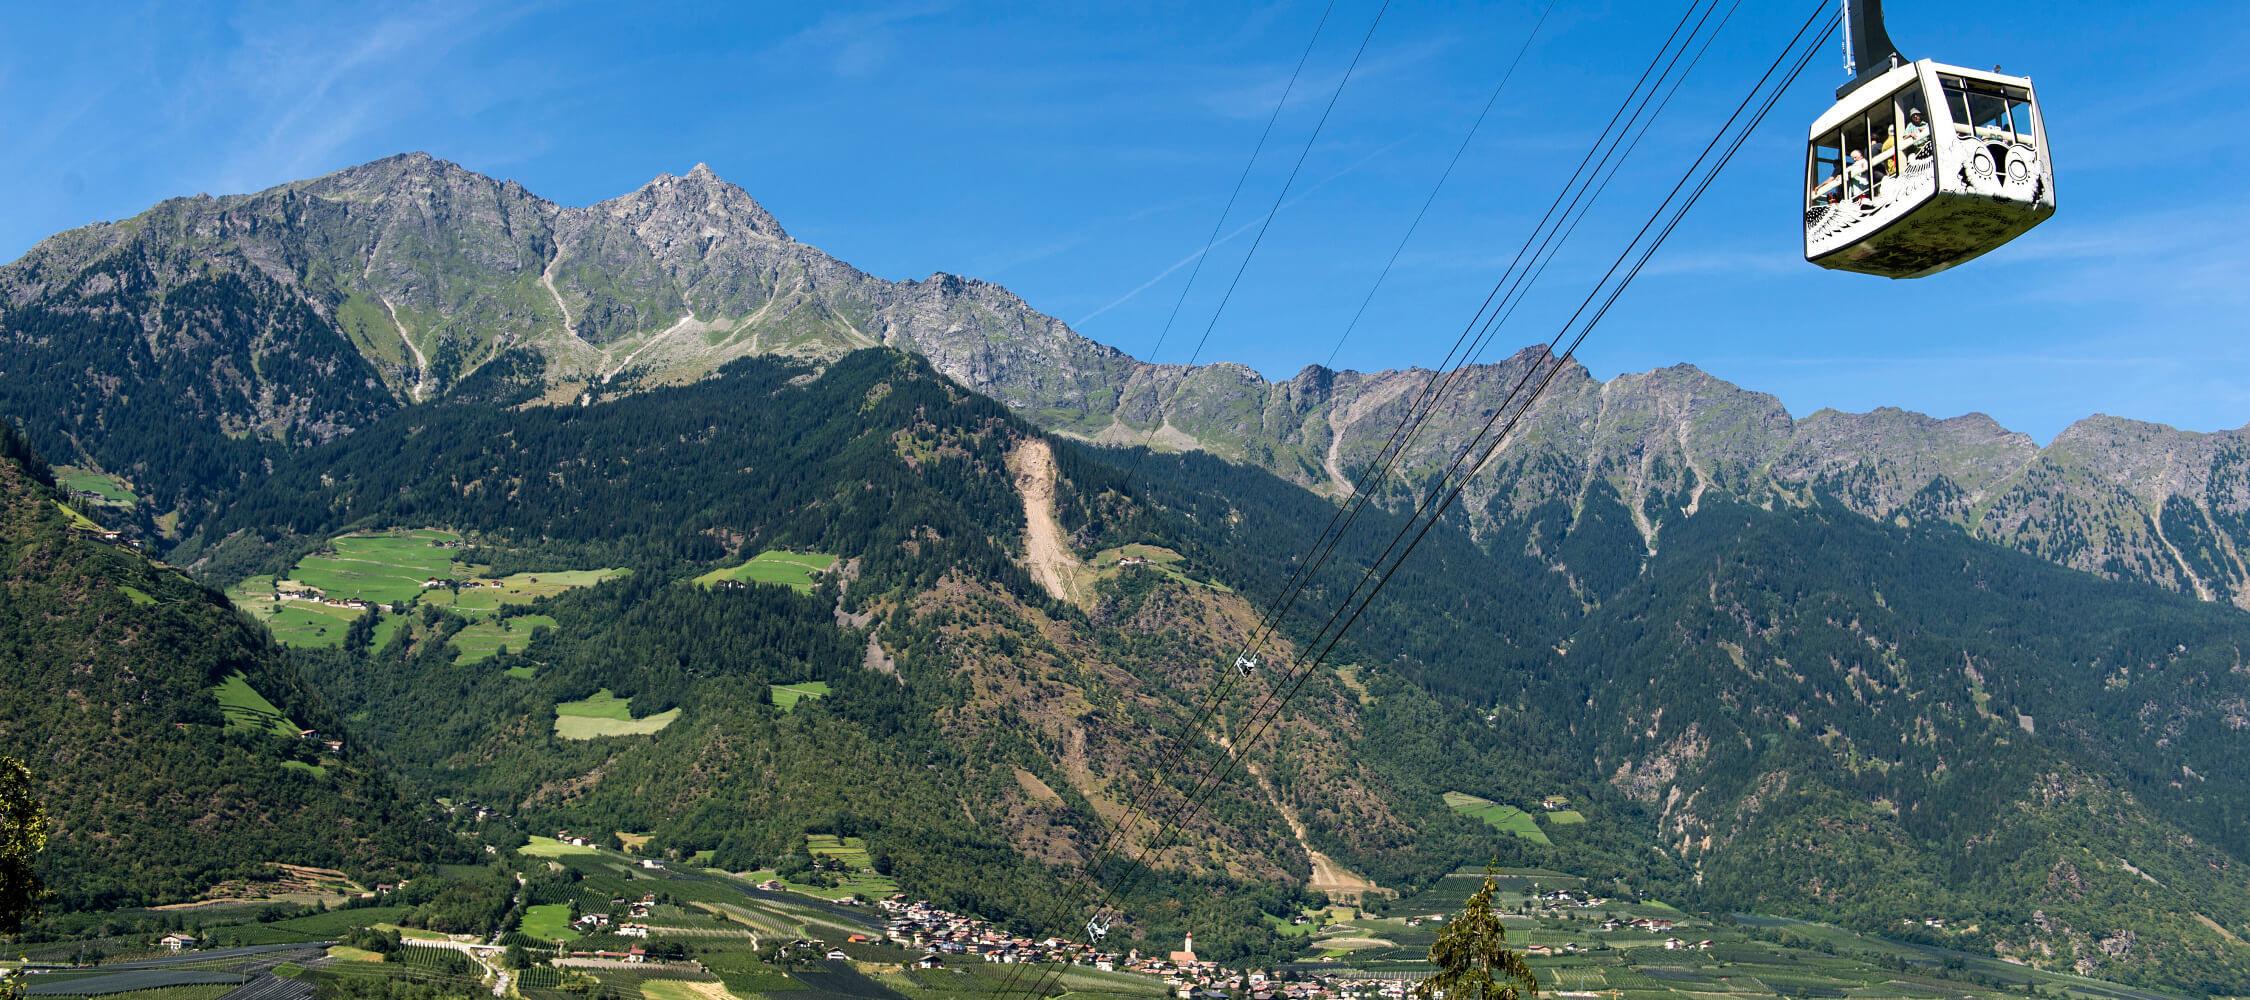 Italien-Trentino_Suedtirol_Alto_Adige_Merano_Meran_Besichtigen_Natur_Seilbahn_Panorama_Talkessel_Aschbach_TVPartschins-Helmuth-Rier_mgm00791heri_2250x1000